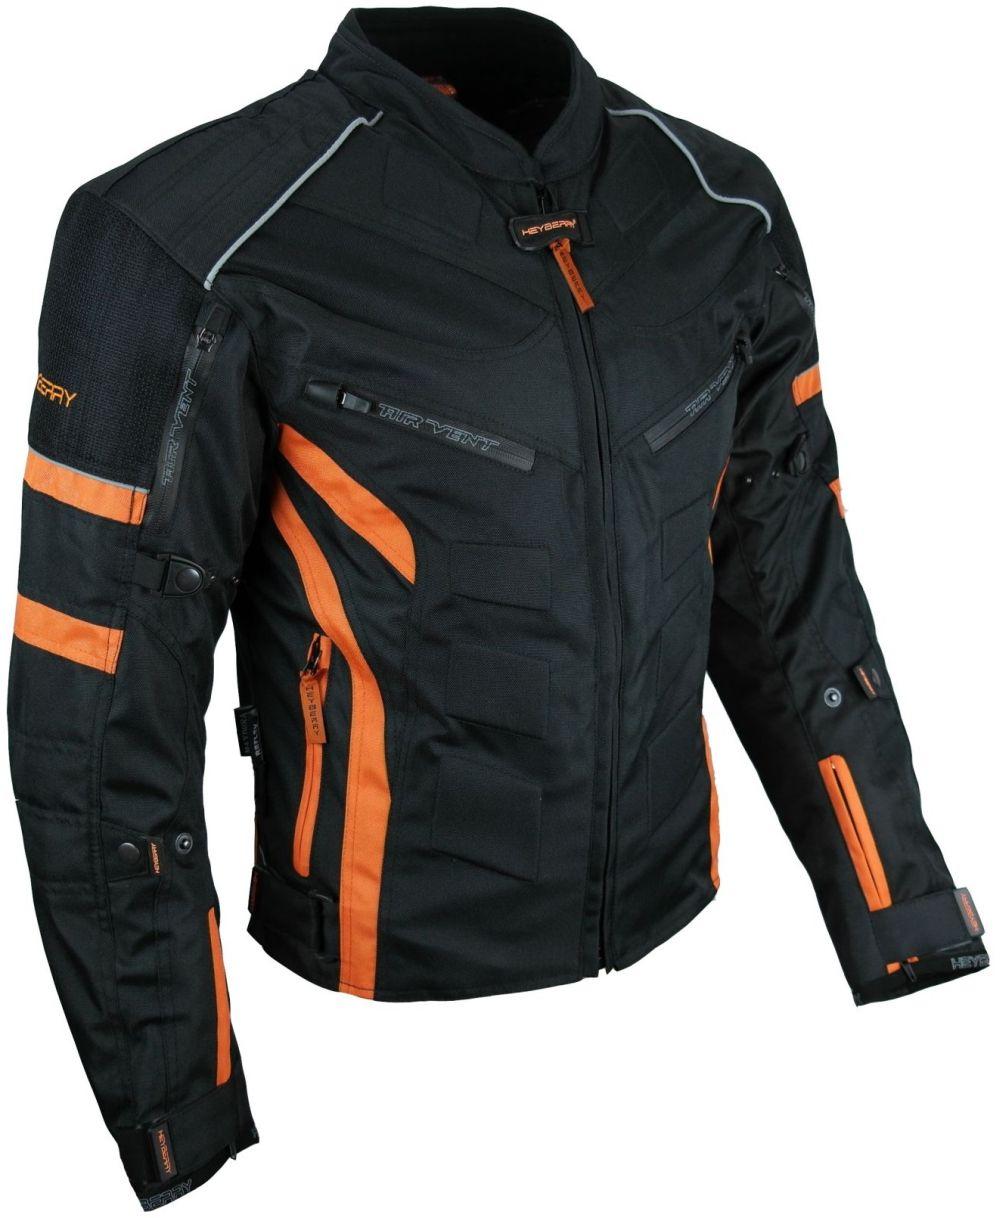 Kurze Textil Motorrad Jacke Motorradjacke Schwarz Orange Gr. M - 7XL